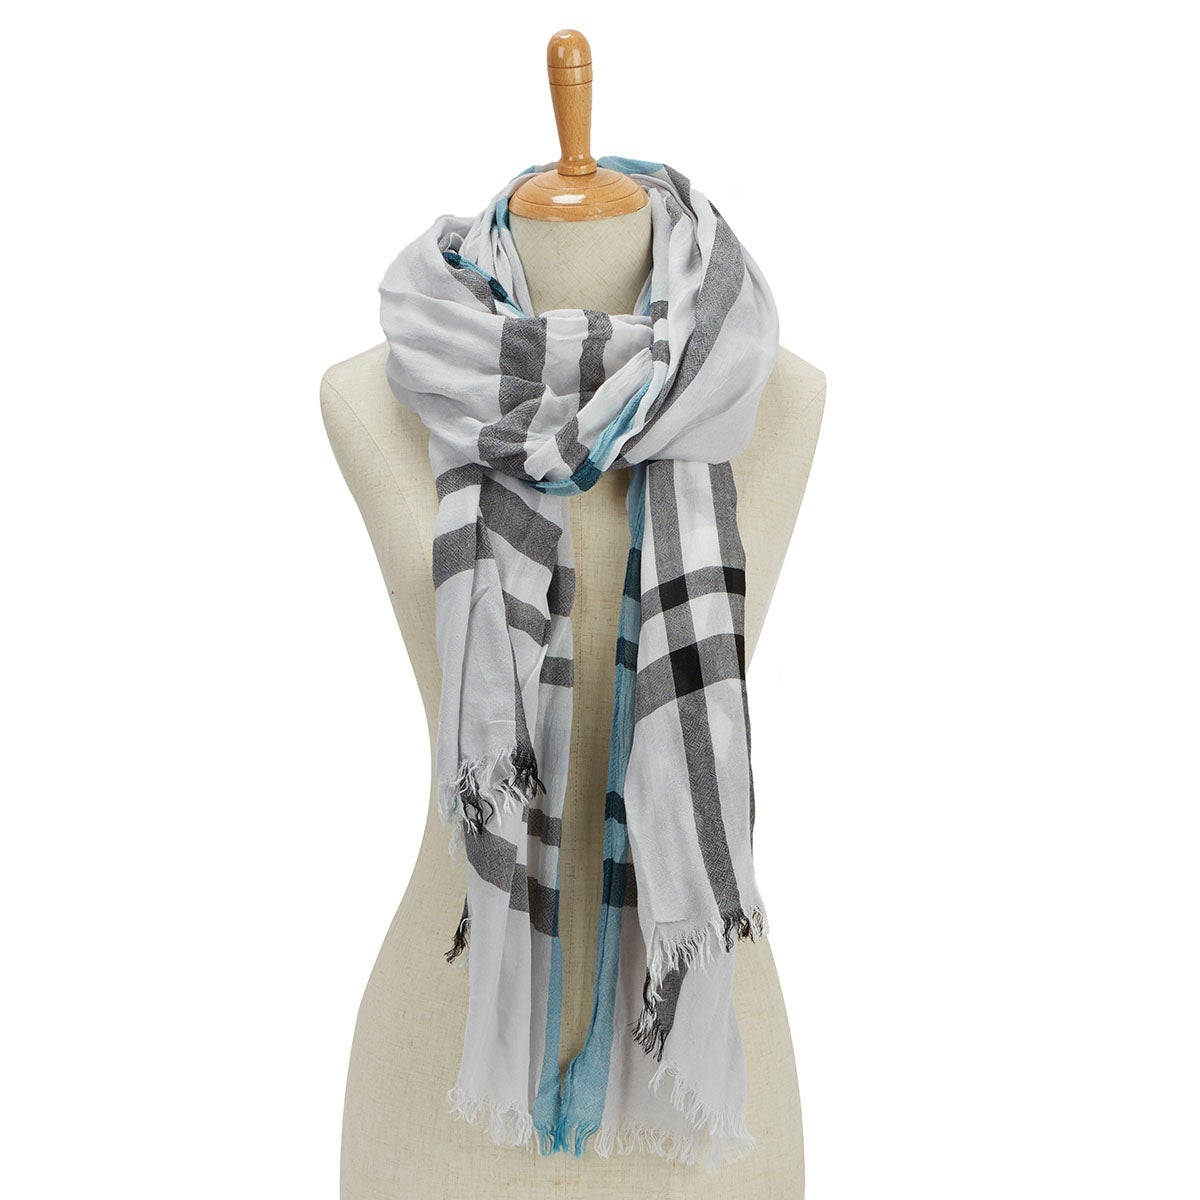 Lds Essentials Fraas Plaid lt grey scarf